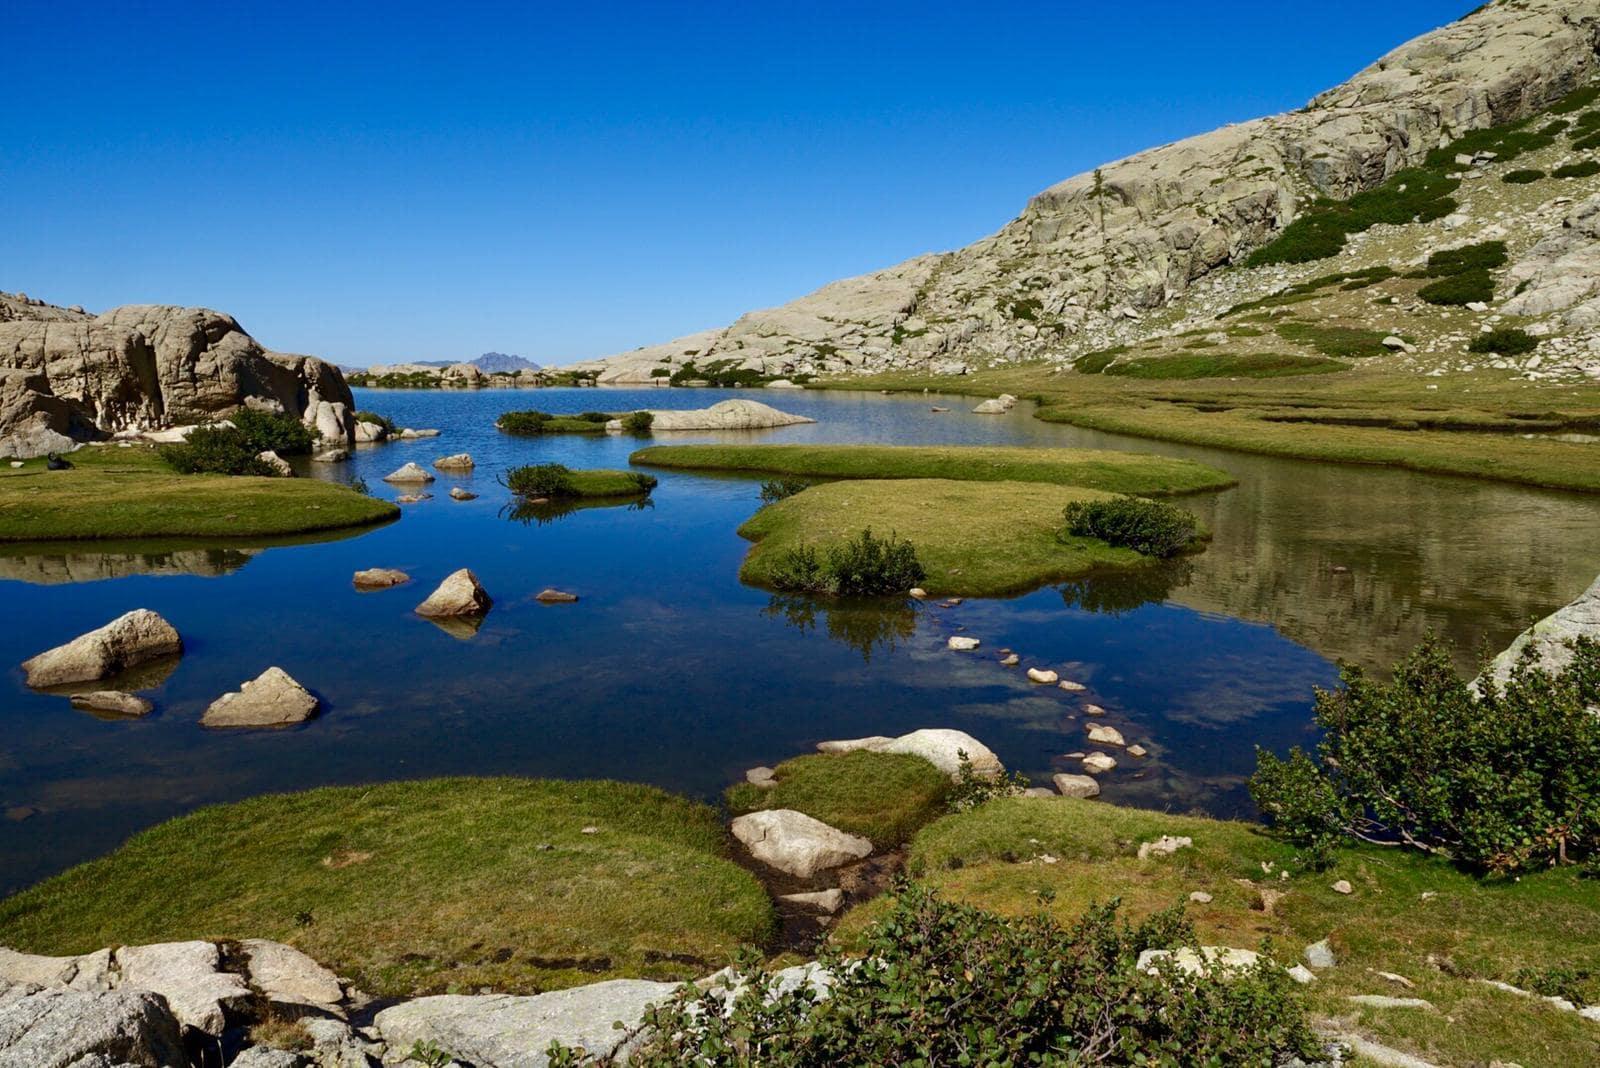 Lac de l'Oriente (Corse)